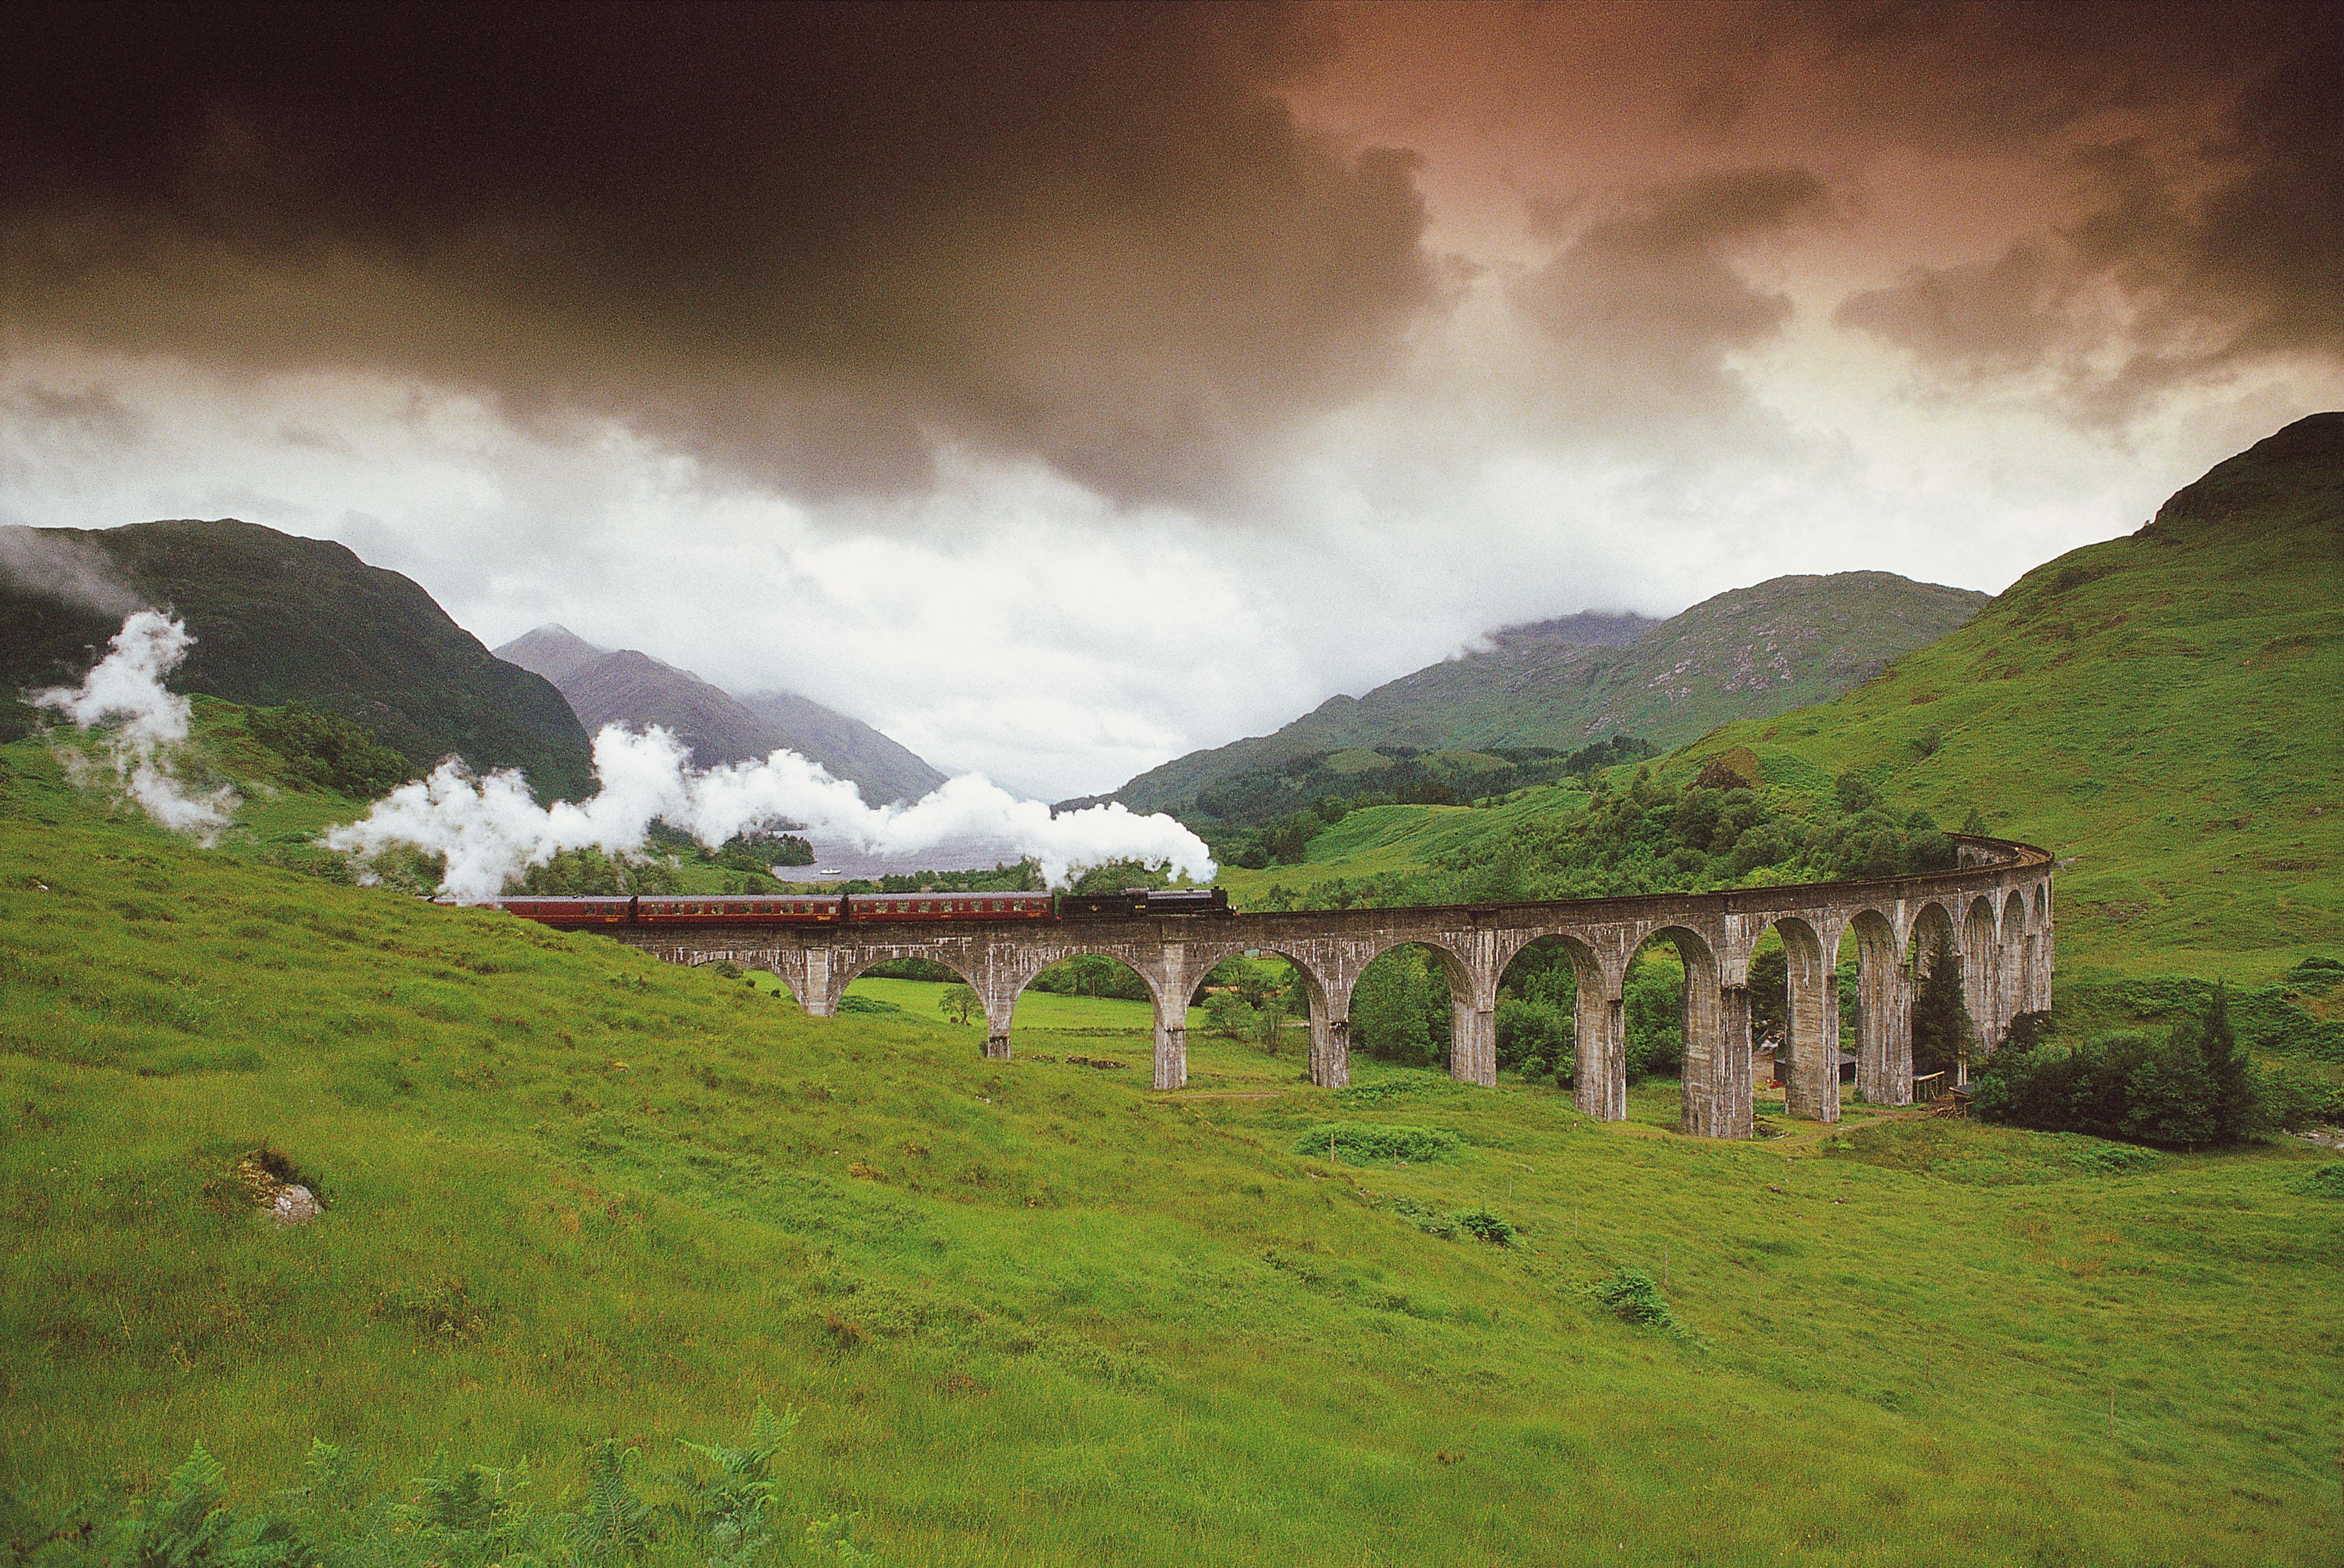 Het Glenfinnan viaduct in de Highlands